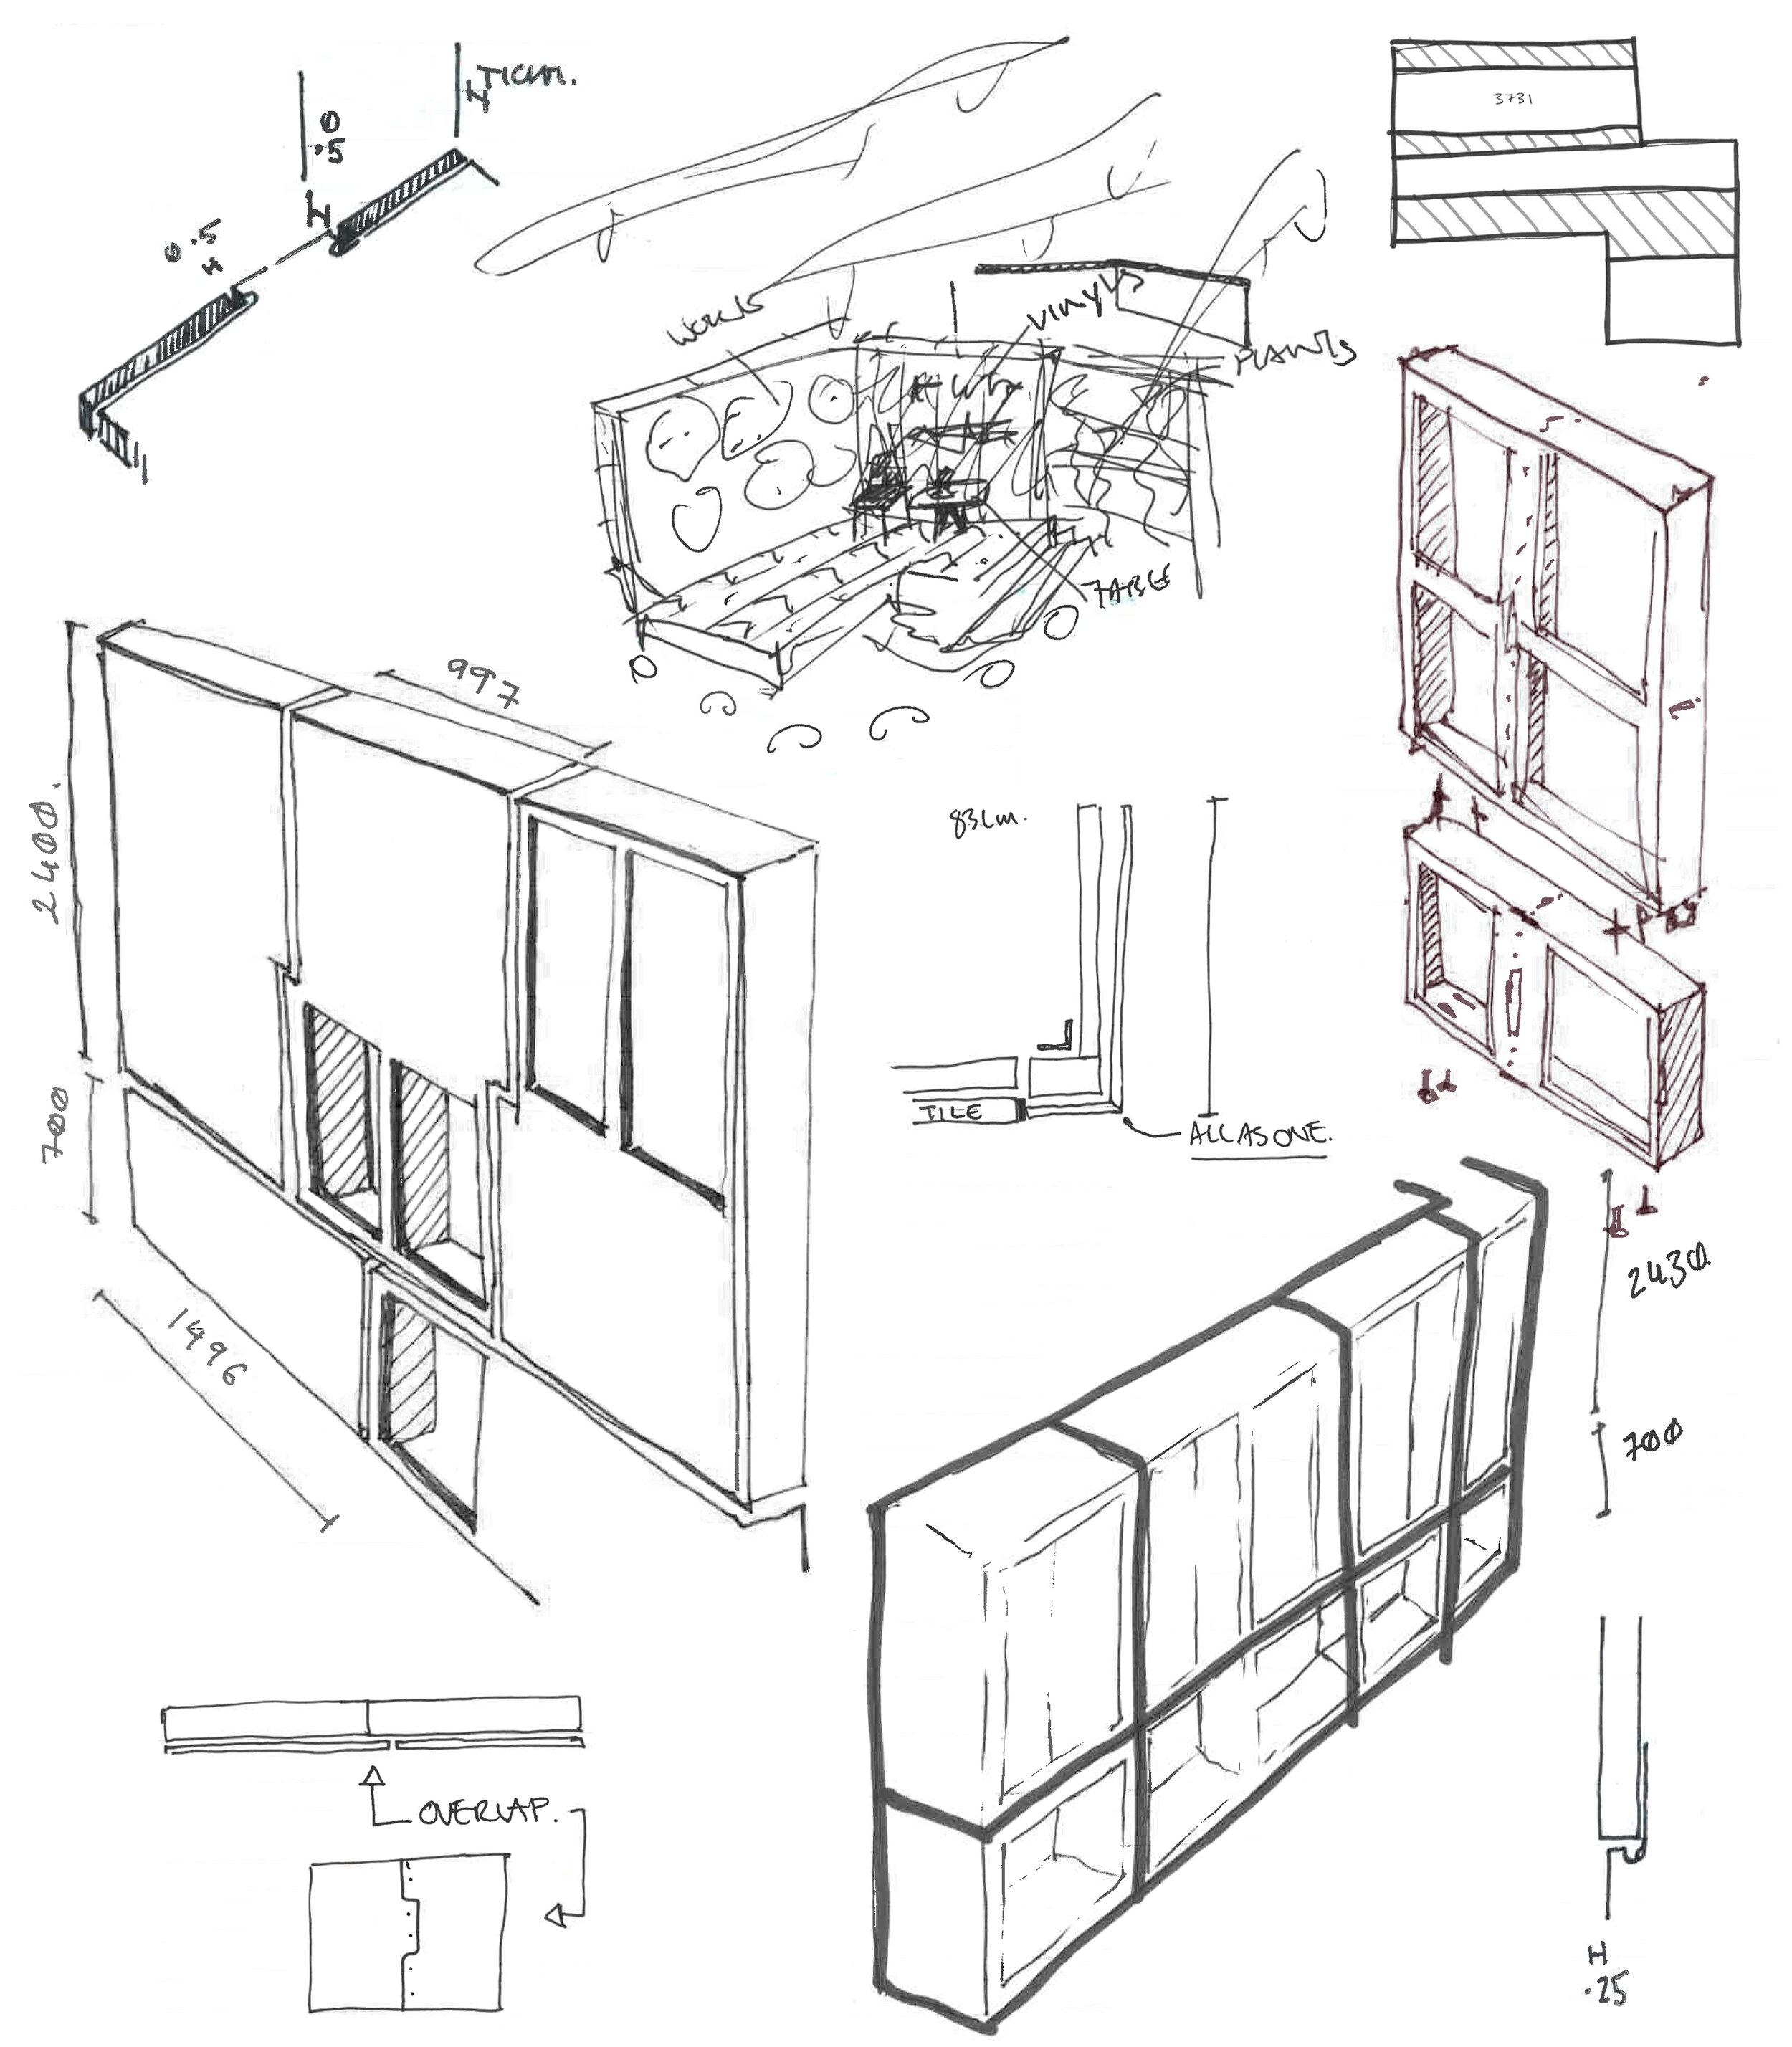 - Concept design sketches